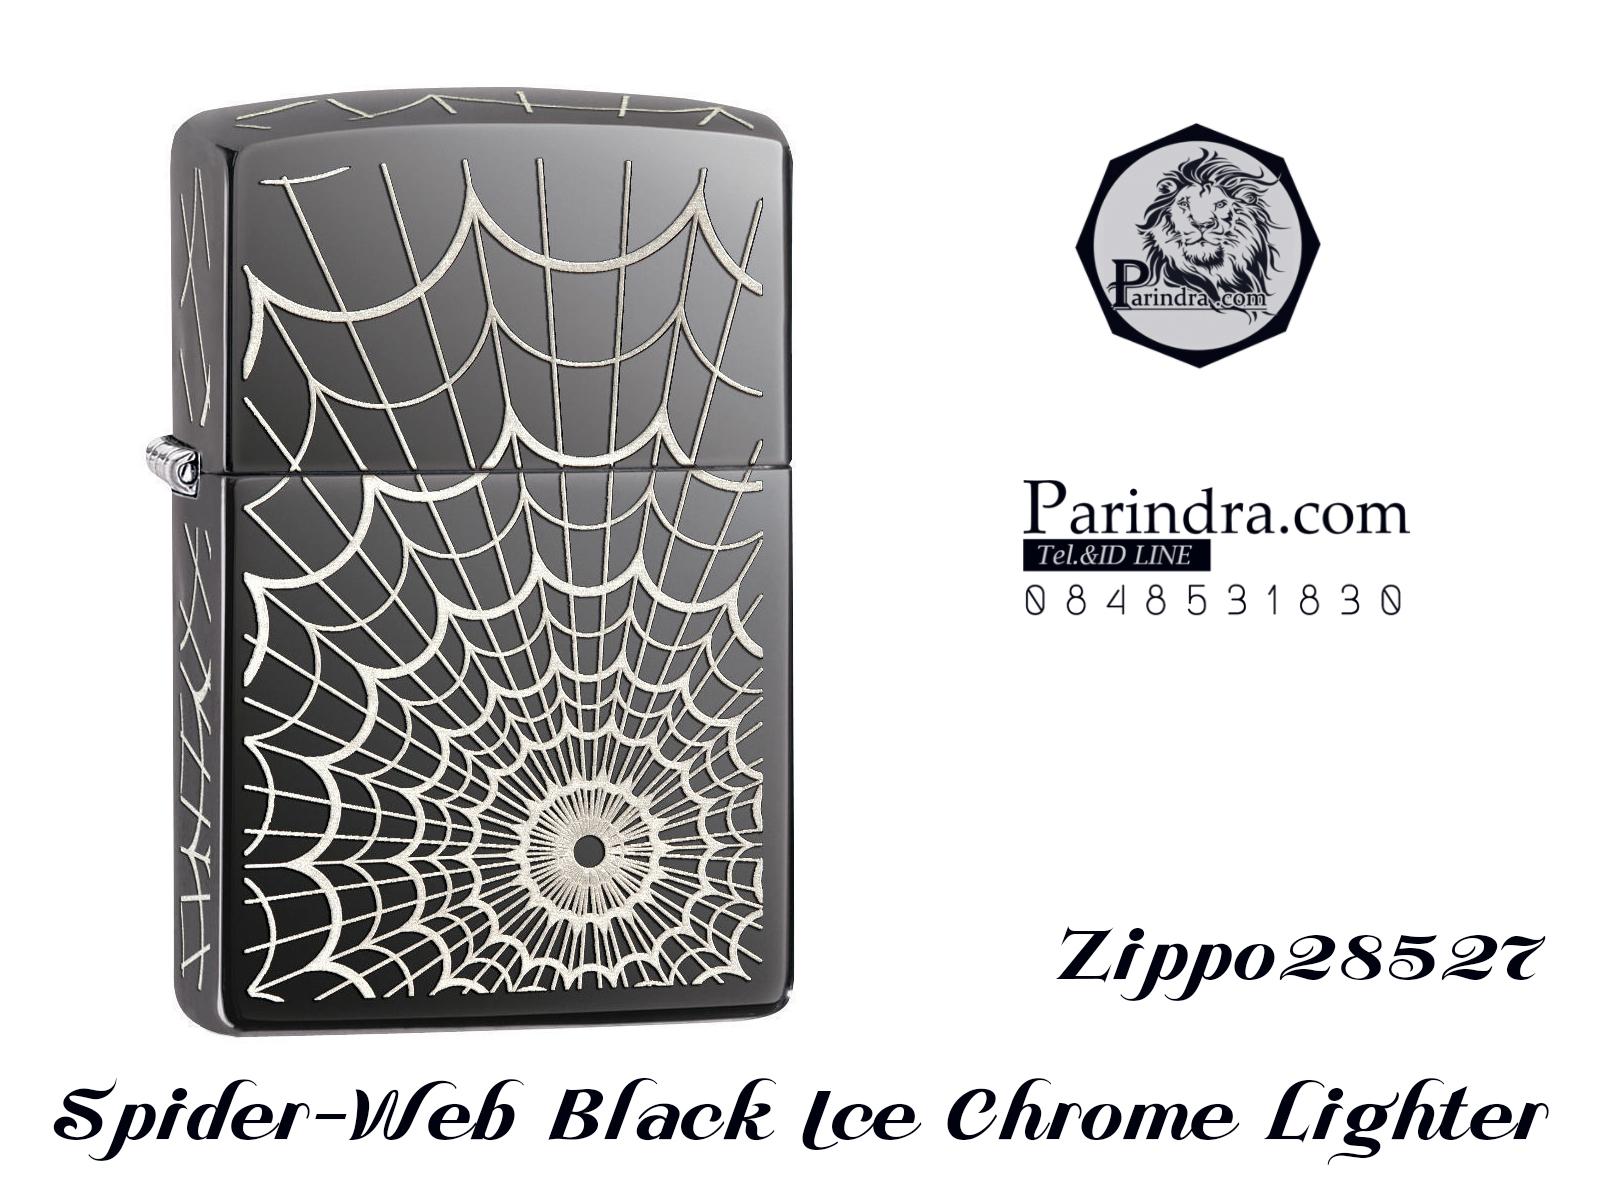 """ไฟแช็ค Zippo แท้ ลายใยแมงมุม ขยุ้มหัวใจ """"Spider Web, Black Ice Chrome Lighter"""" #28527 แท้นำเข้า 100%"""